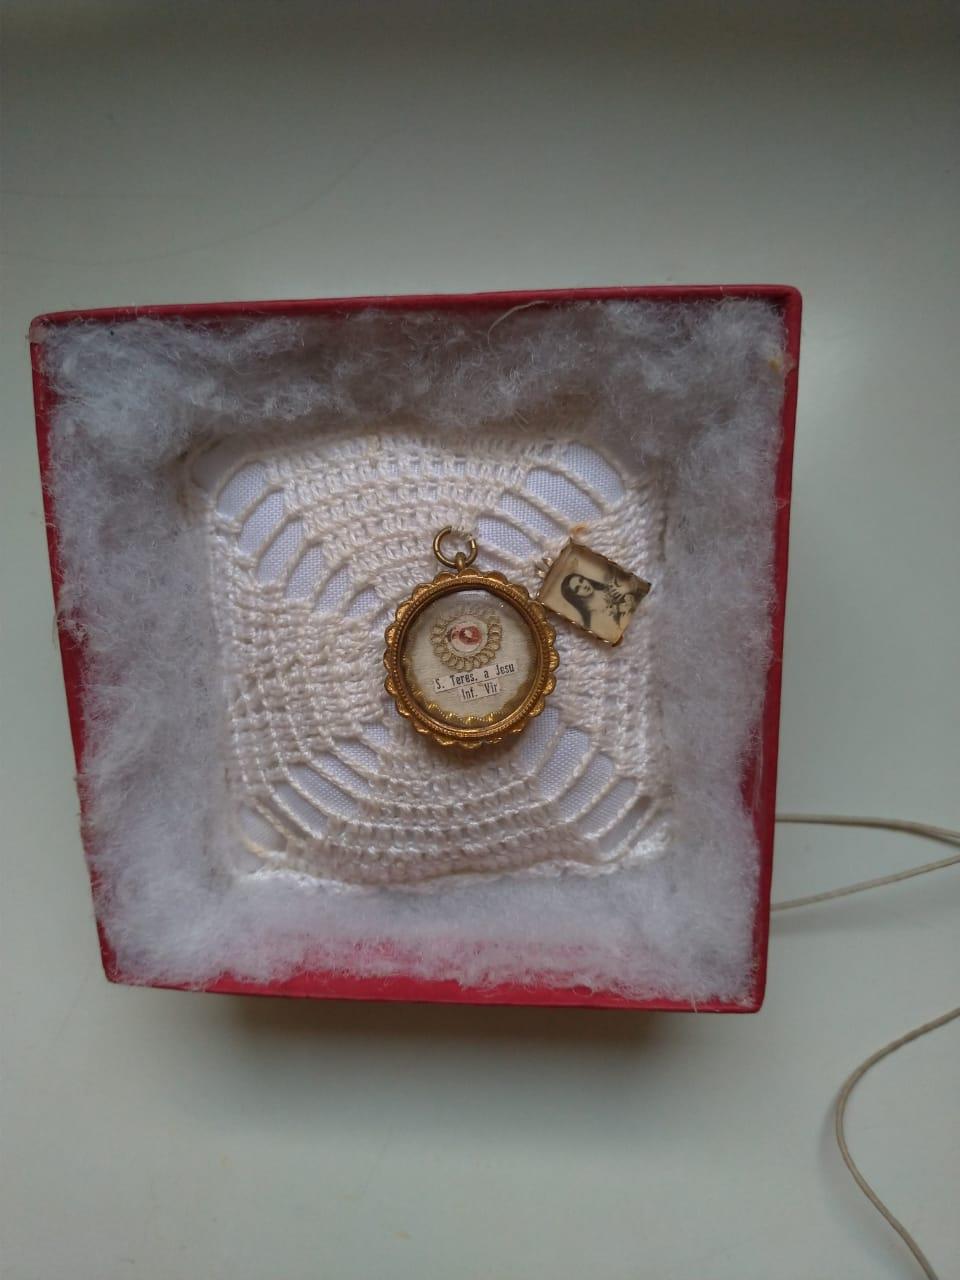 Relíquia de Santa Teresinha do Menino Jesus - Um fragmento do osso do fêmur